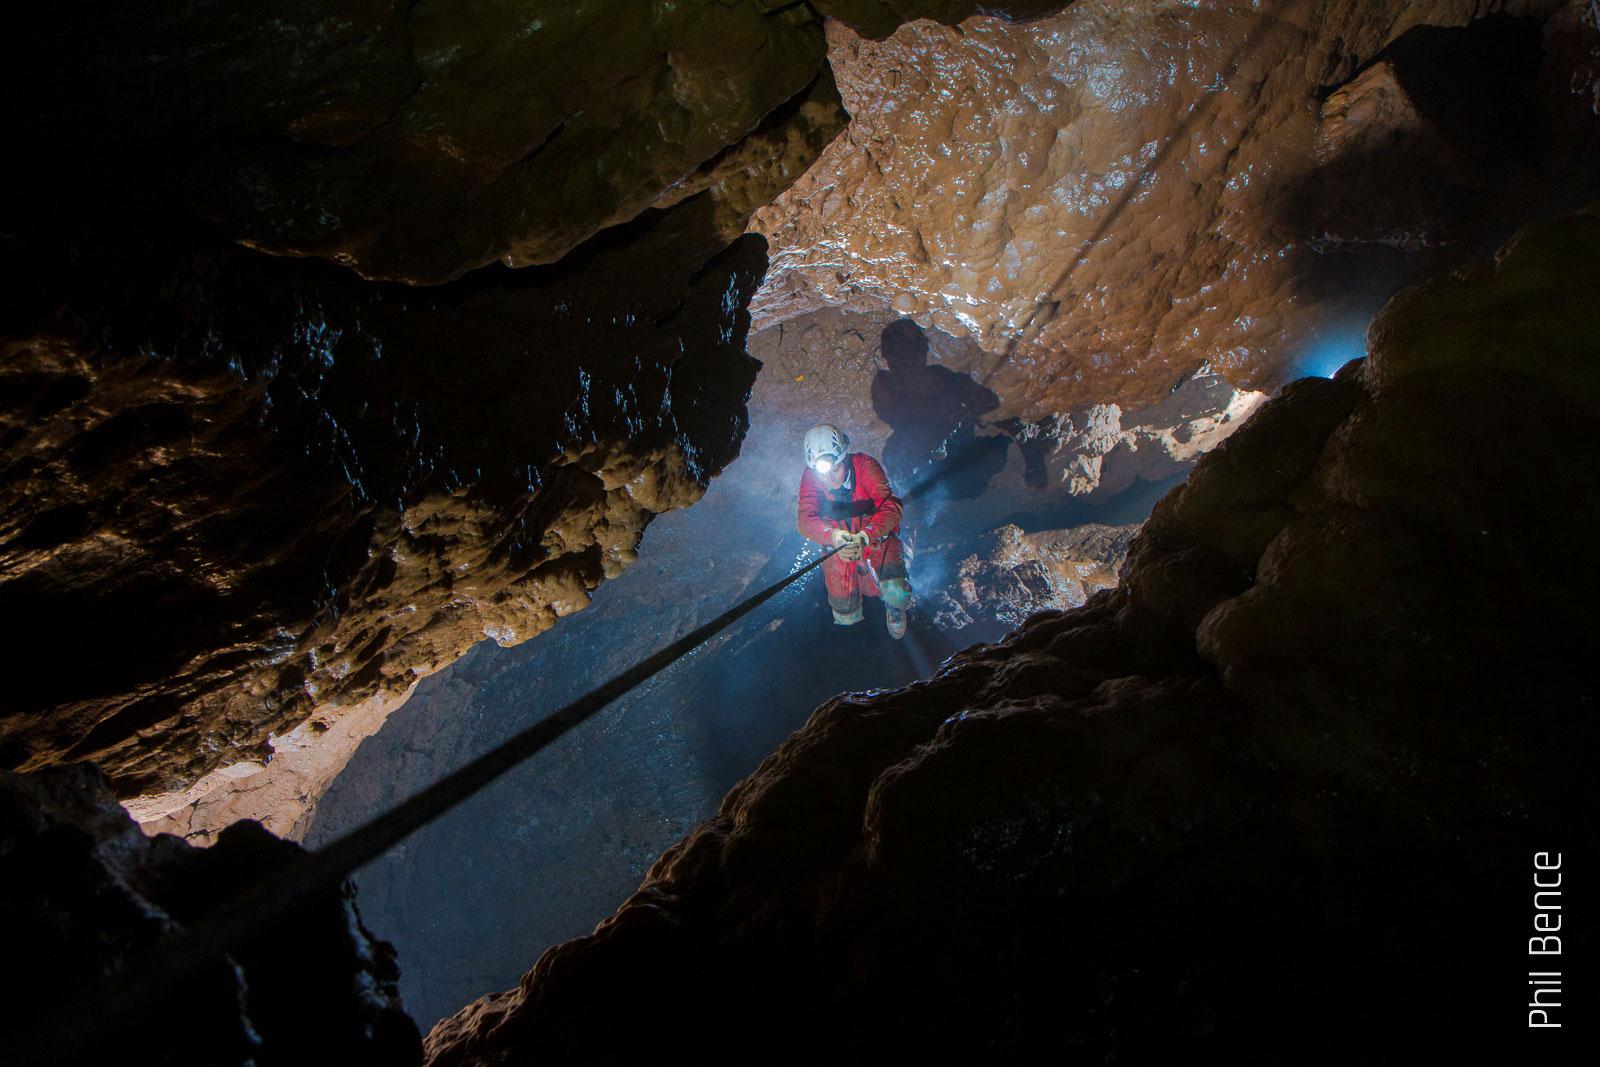 Spéléologie en Ariège, descente en rappel dans le gouffre George au Port de l'Hers en Ariège Pyrénées - Vertikarst ©Phil Bence